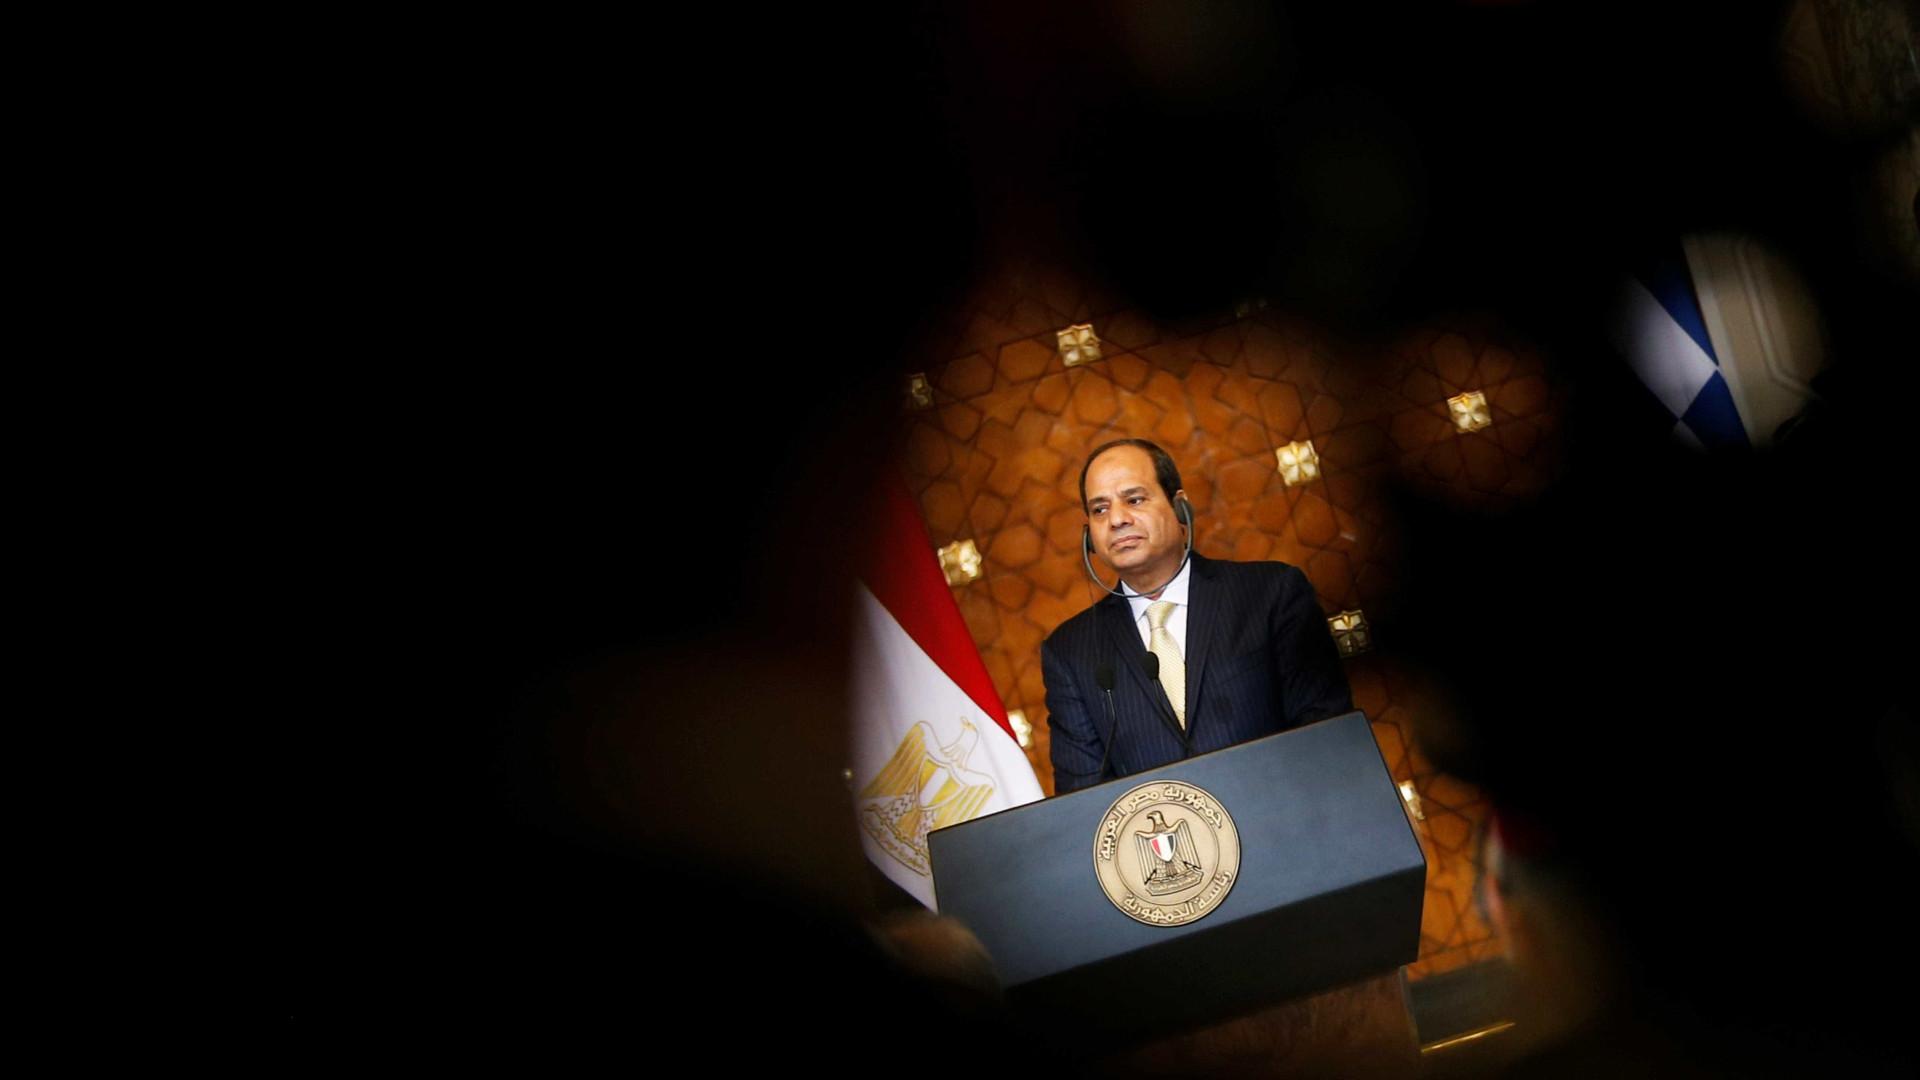 Eleições no Egito para reeleger Al-Sisi com oposição silenciada